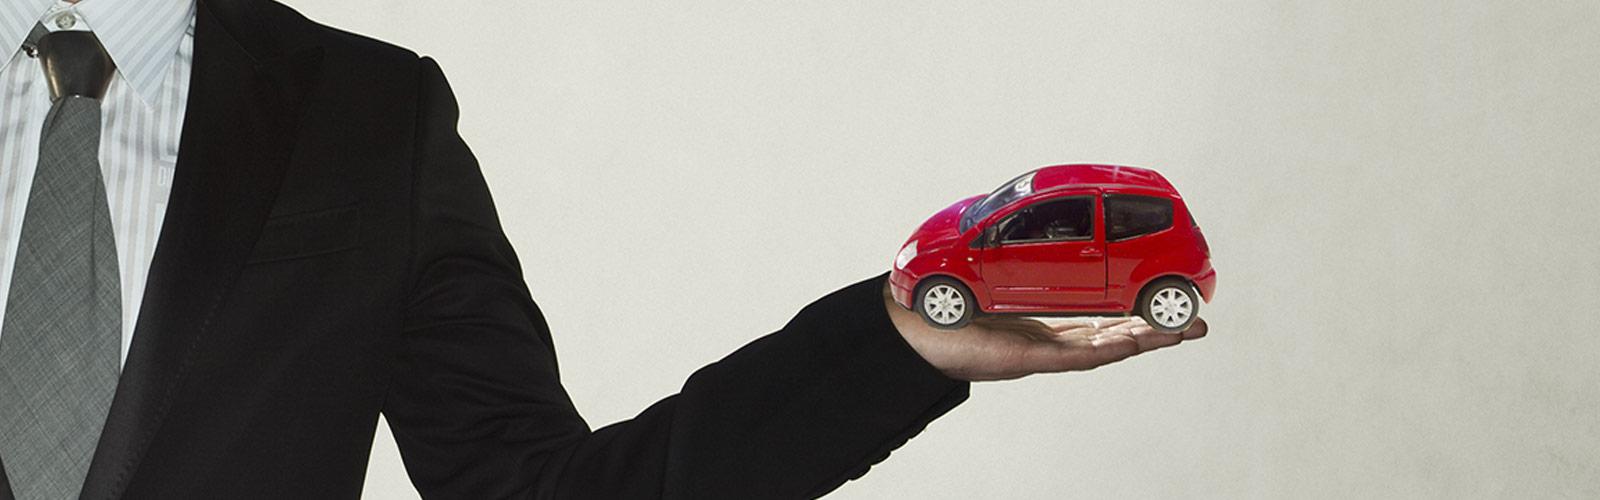 slider-motor-insurance